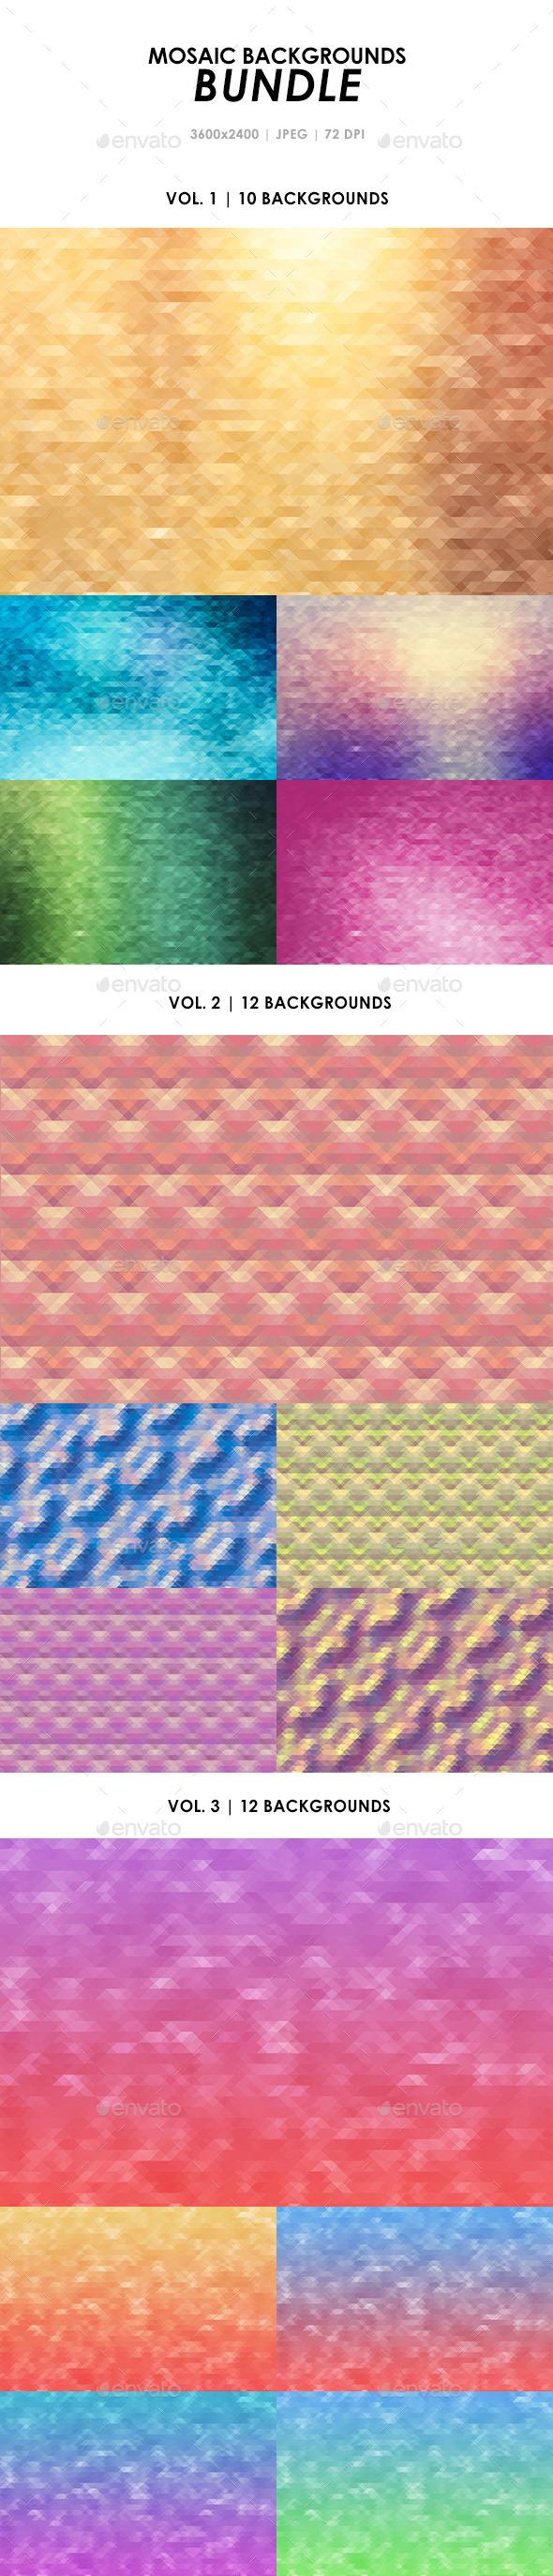 Mosaic Backgrounds Bundle - Miscellaneous Backgrounds